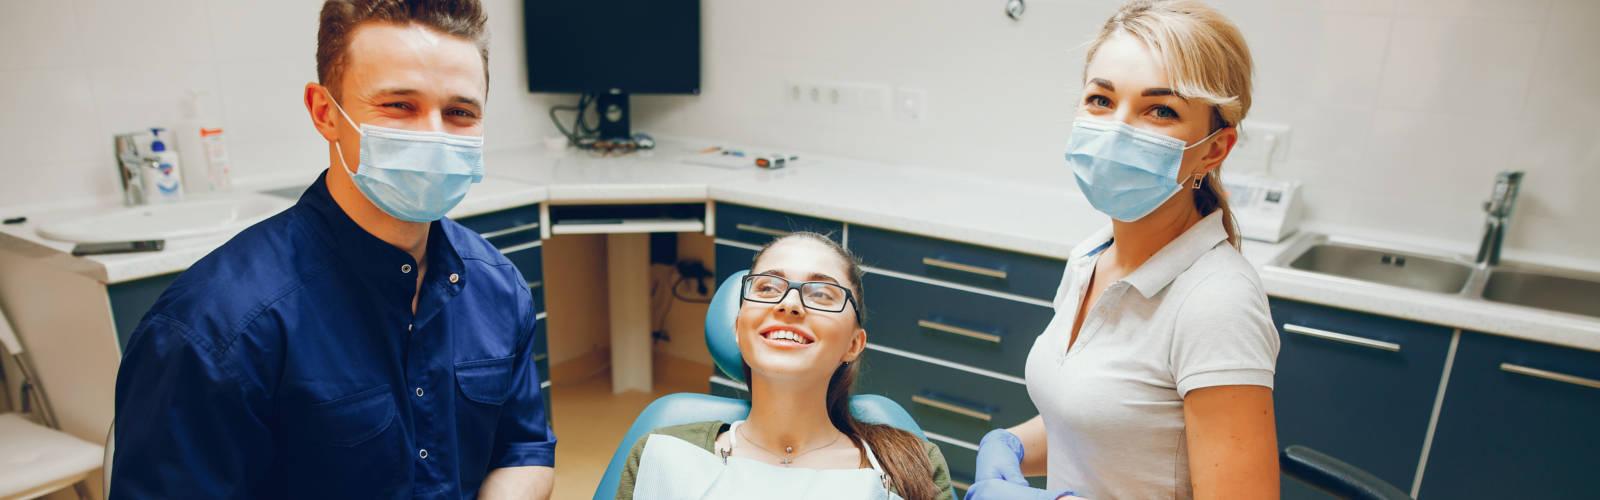 Karriere machen als Zahnarzt oder zahnmedizinische Fachangestellte in Barsinghausen